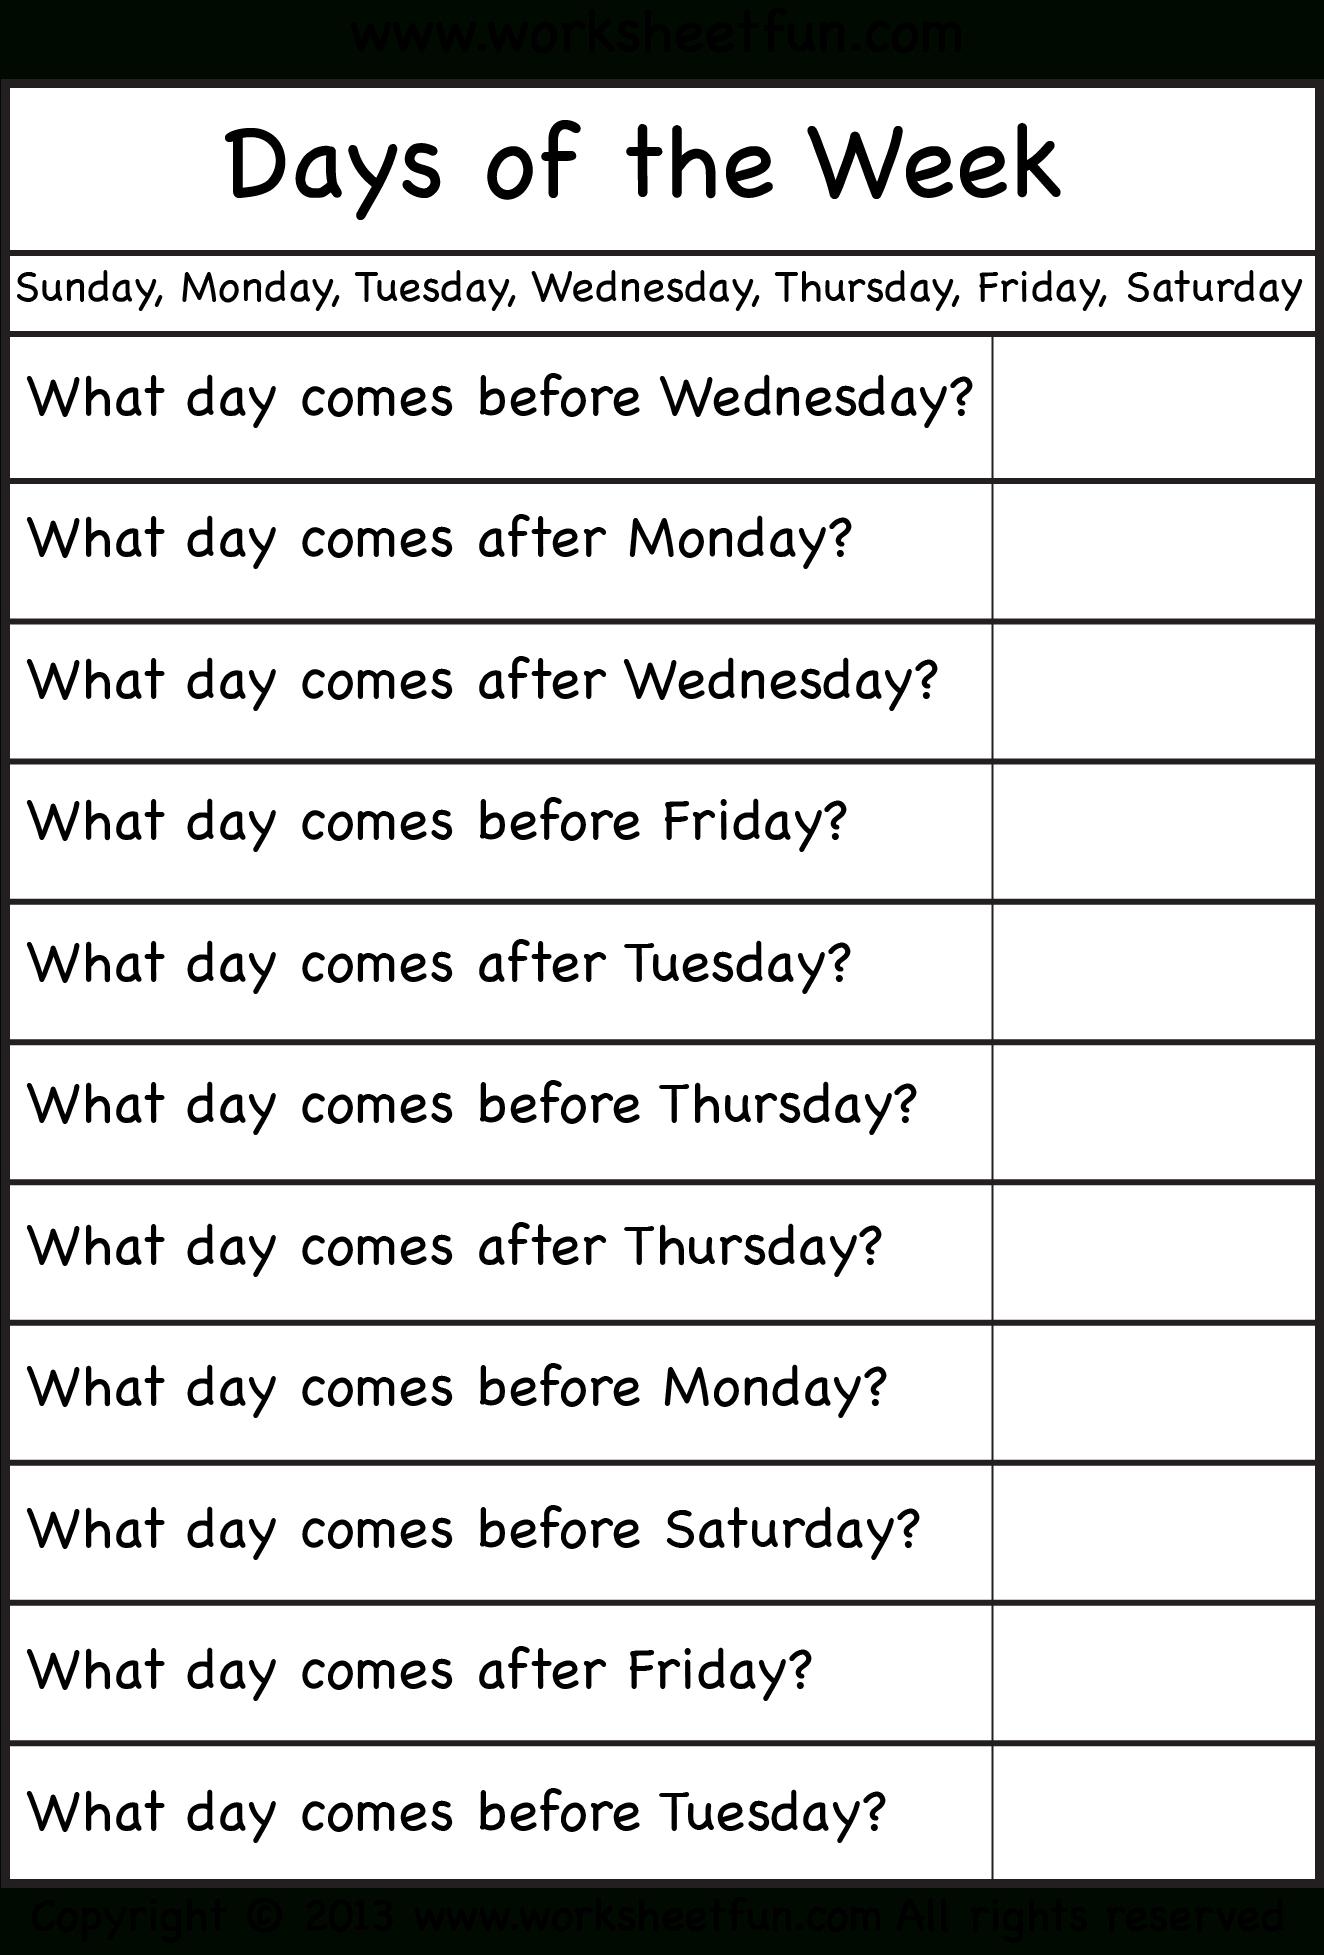 Days Of The Week – Worksheet / Free Printable Worksheets – Worksheetfun - Free Printable Days Of The Week